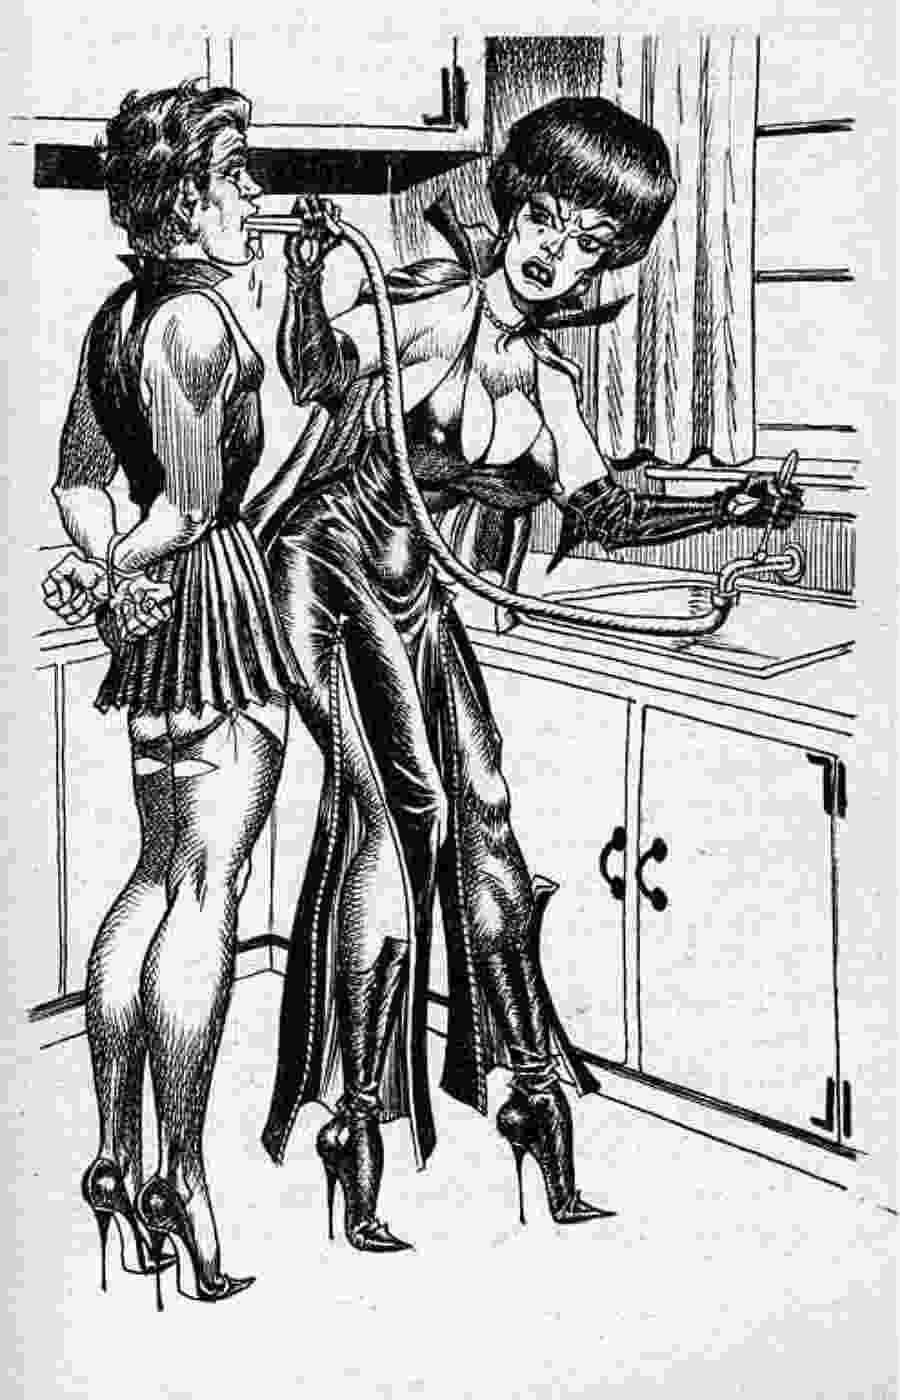 Bdsm Vintage Porn bdsm artwork drawings submissive - top porn images.